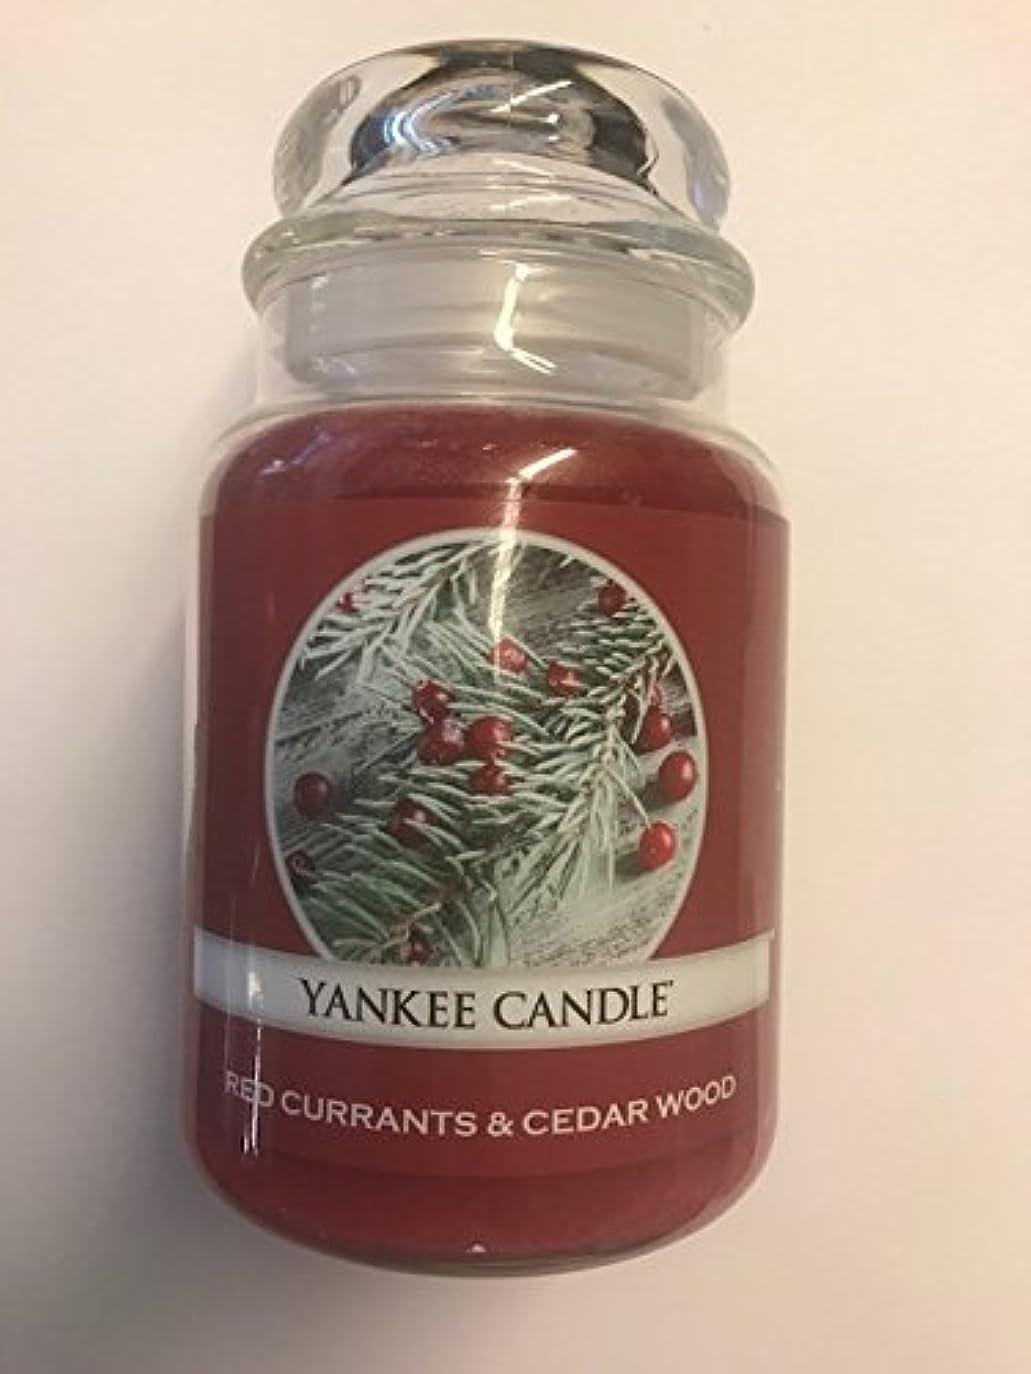 絶縁する後者シガレットRed Currants & Cedar Wood Yankee Candle / 22 0z